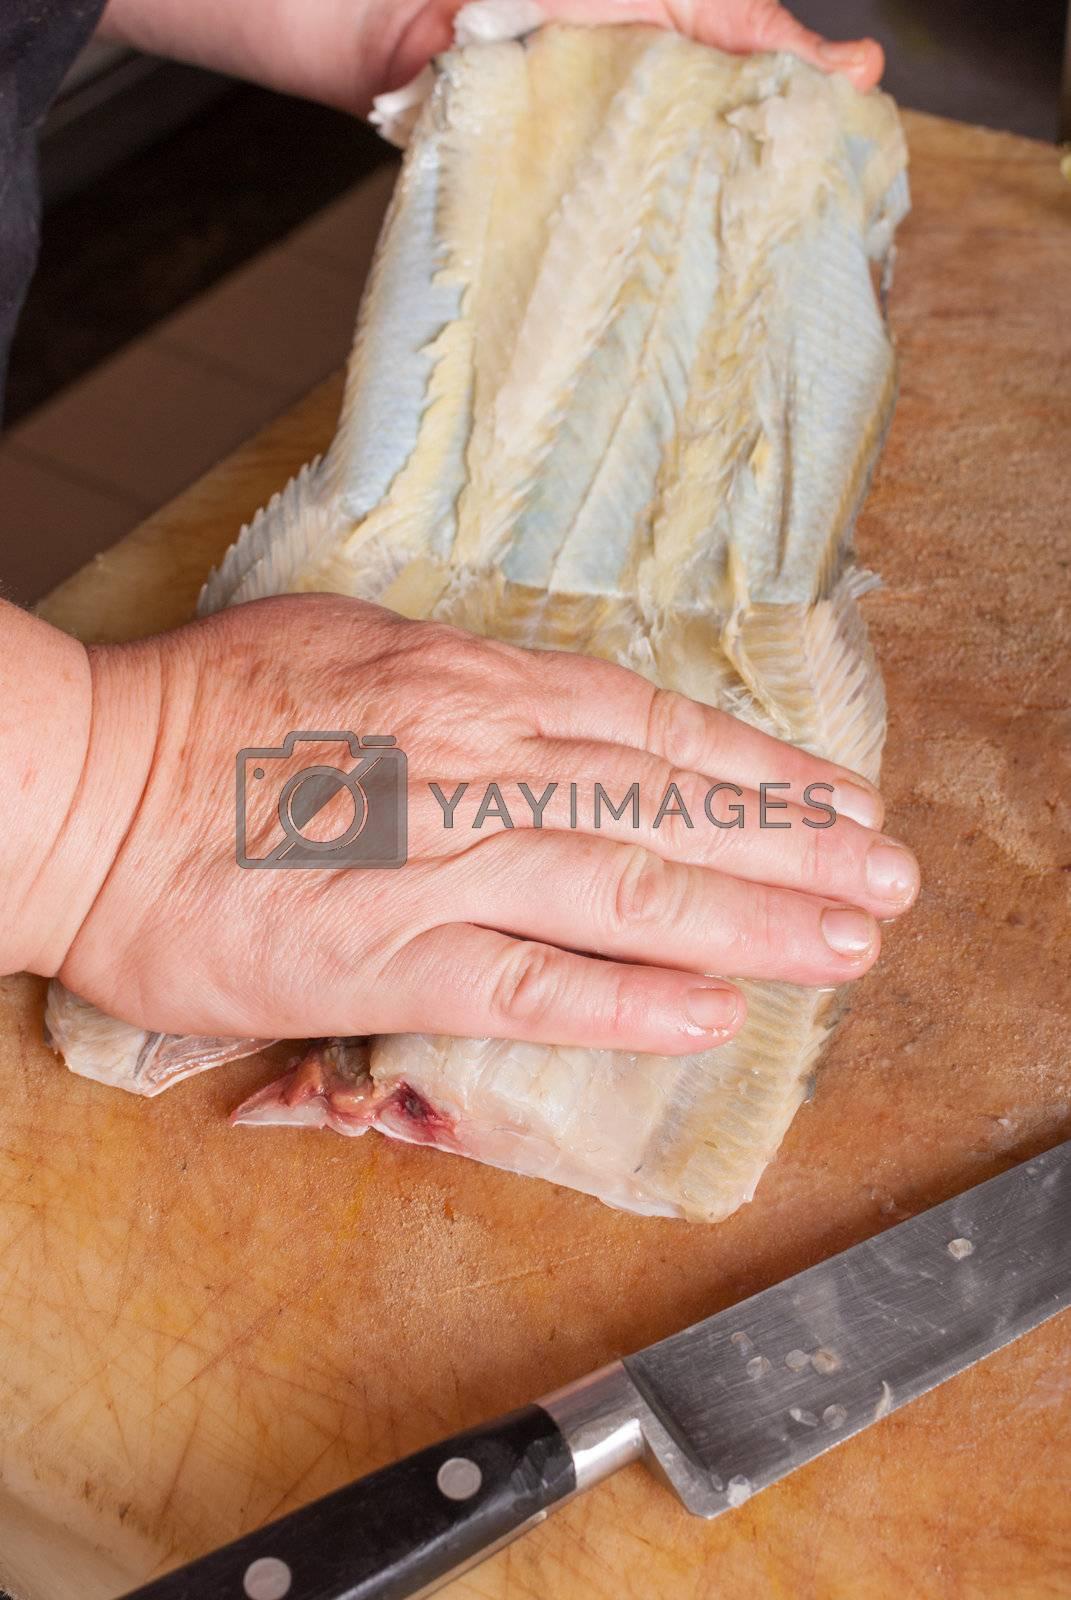 Preparing a sole by hemeroskopion